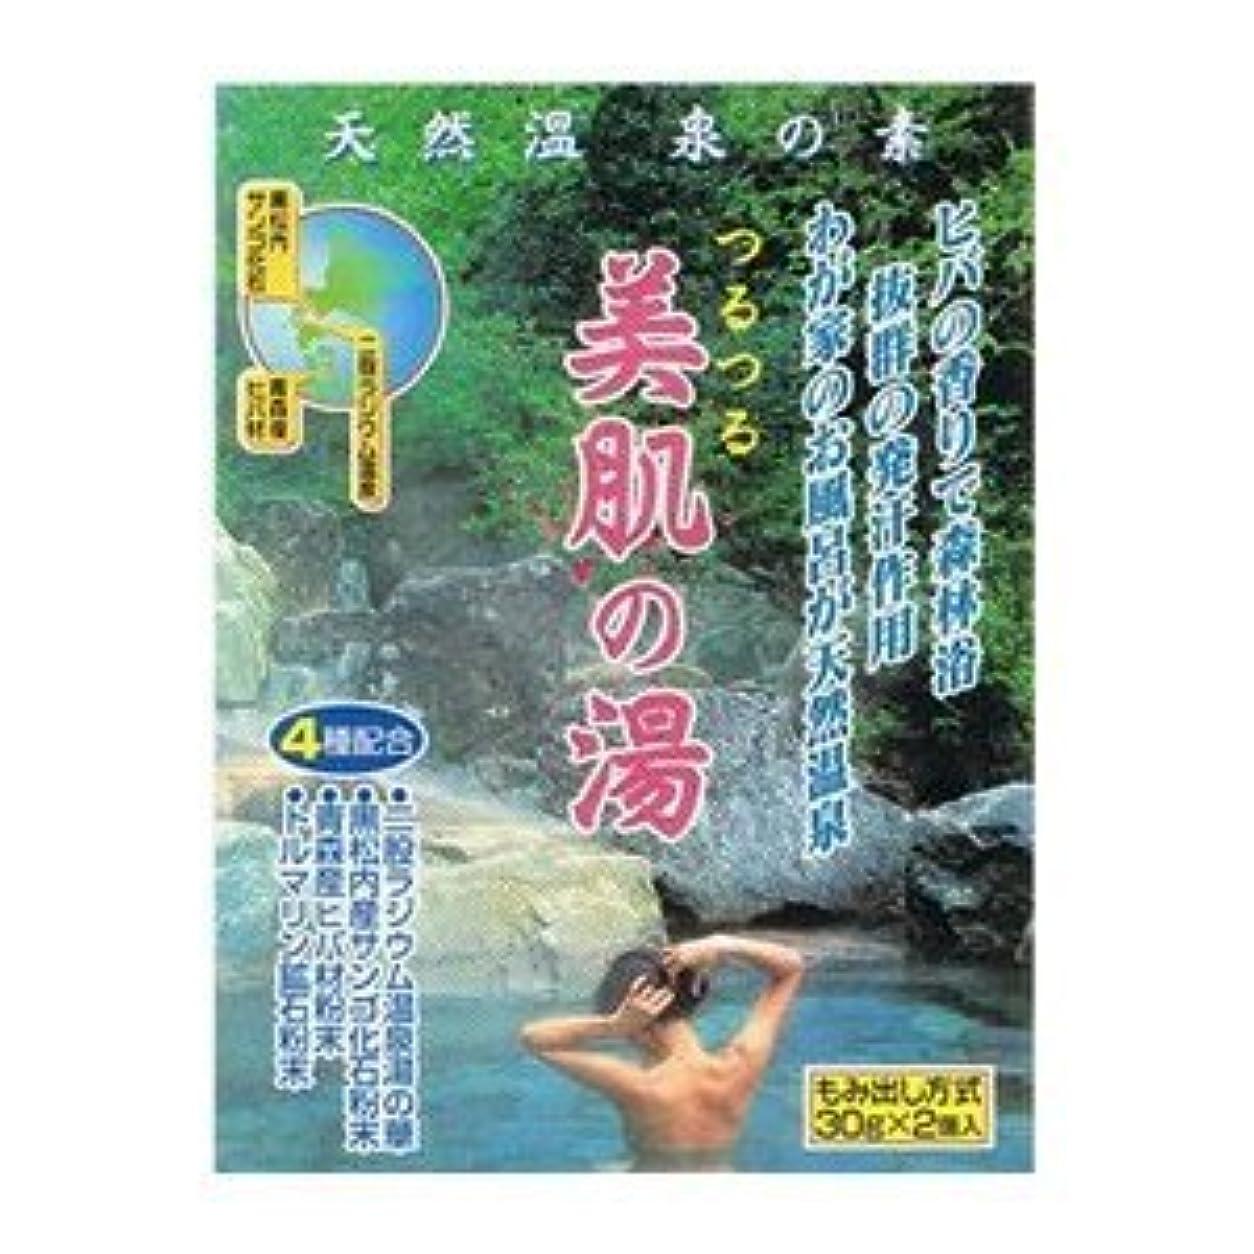 天然温泉の素 美肌の湯 (30g×2個入)×3袋セット